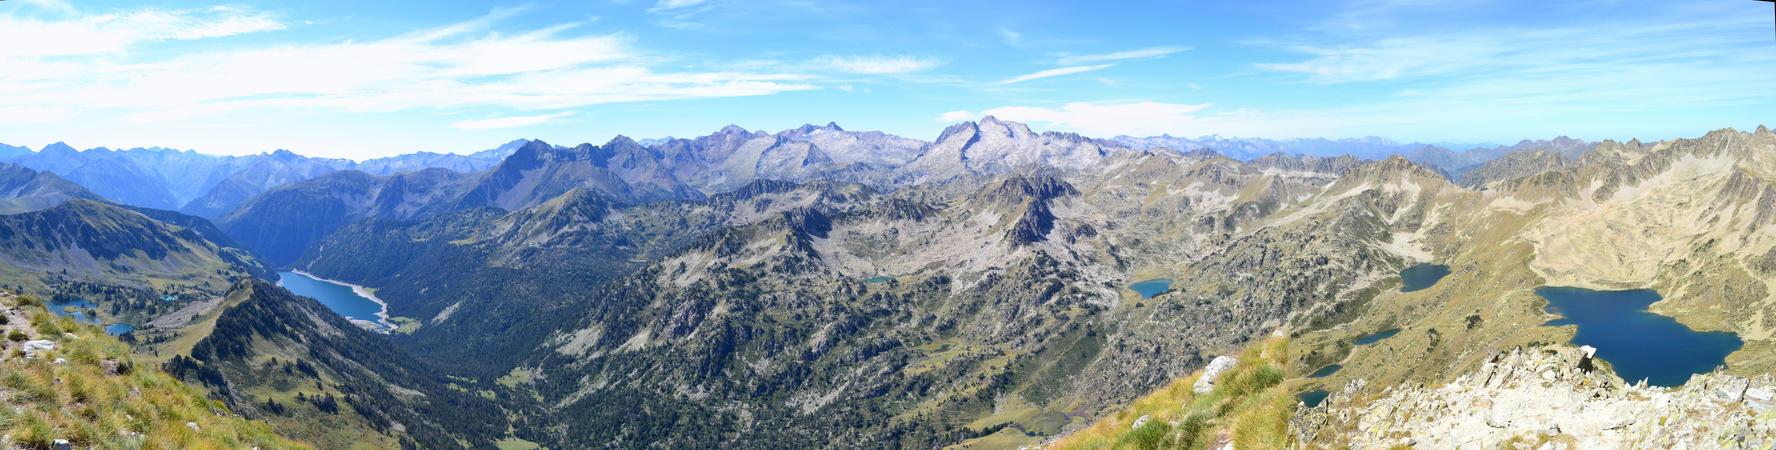 Panorama - Pic de Bastan by Aude-la-randonneuse